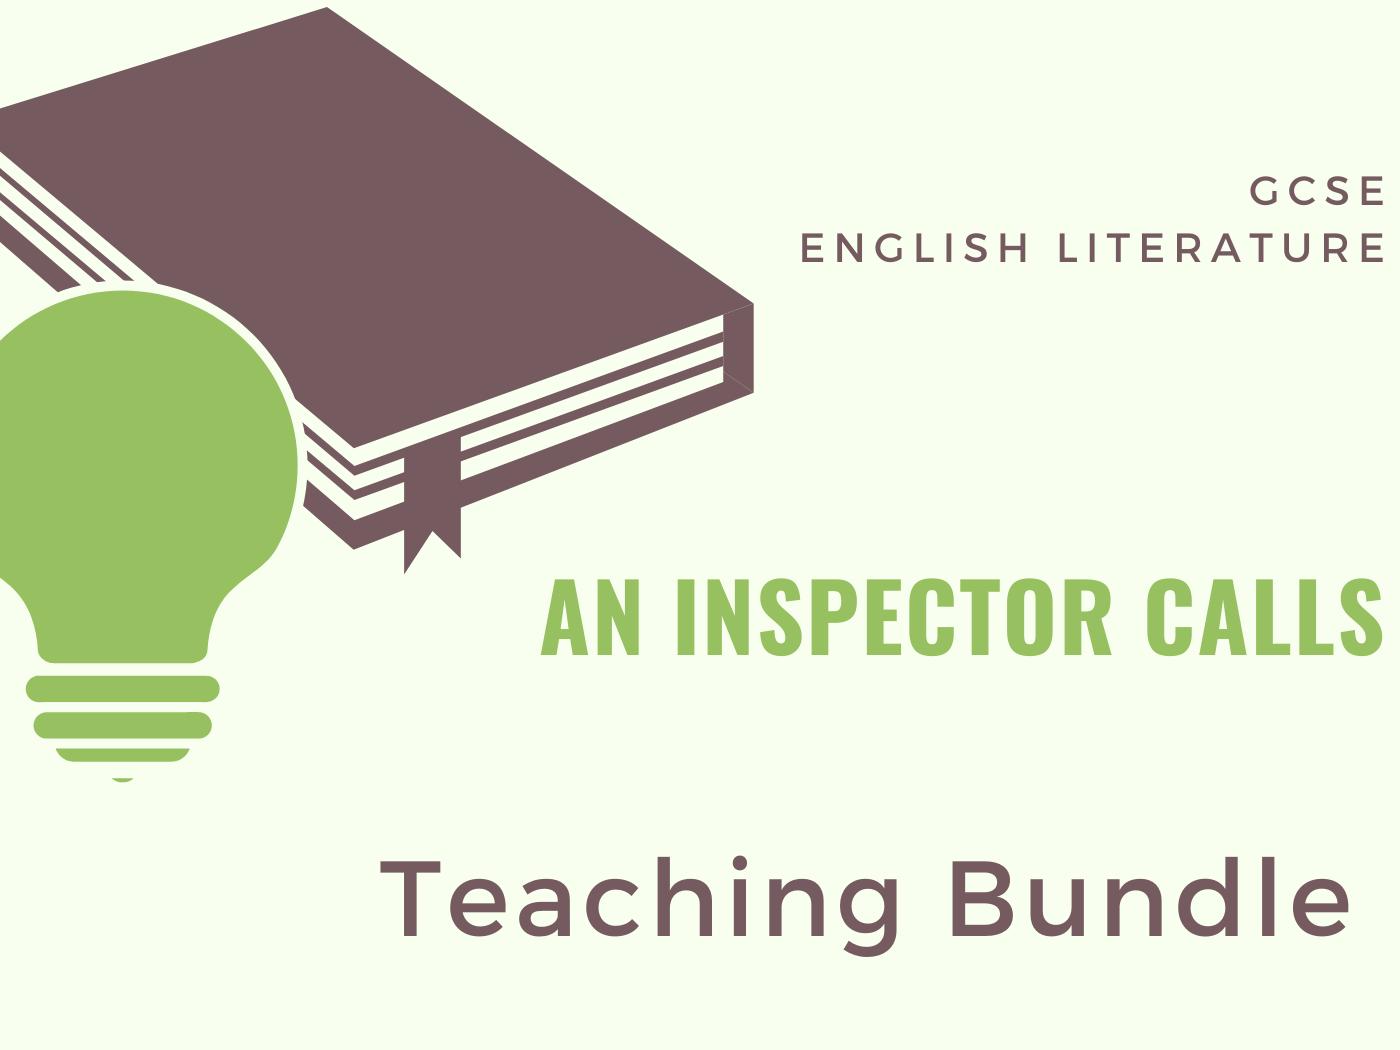 An Inspector Calls - Teaching Bundle